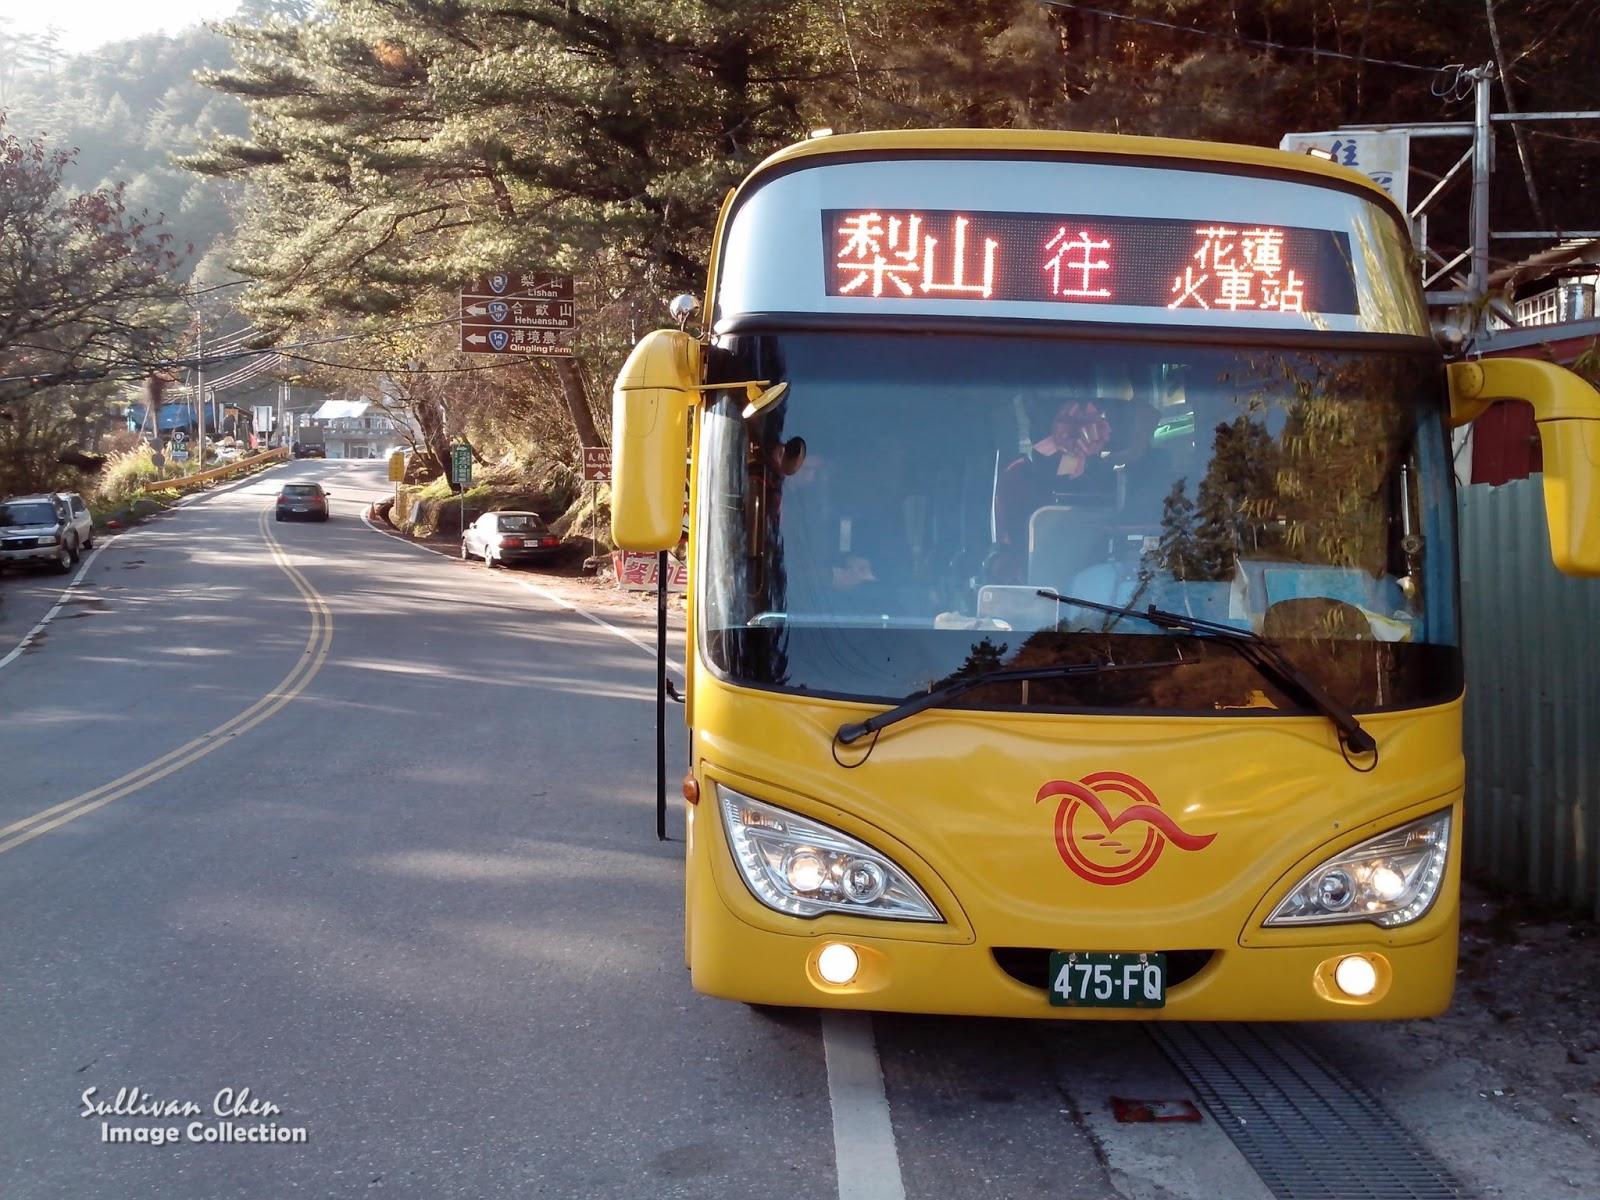 清境搭客運到花蓮 | Travel Taiwan